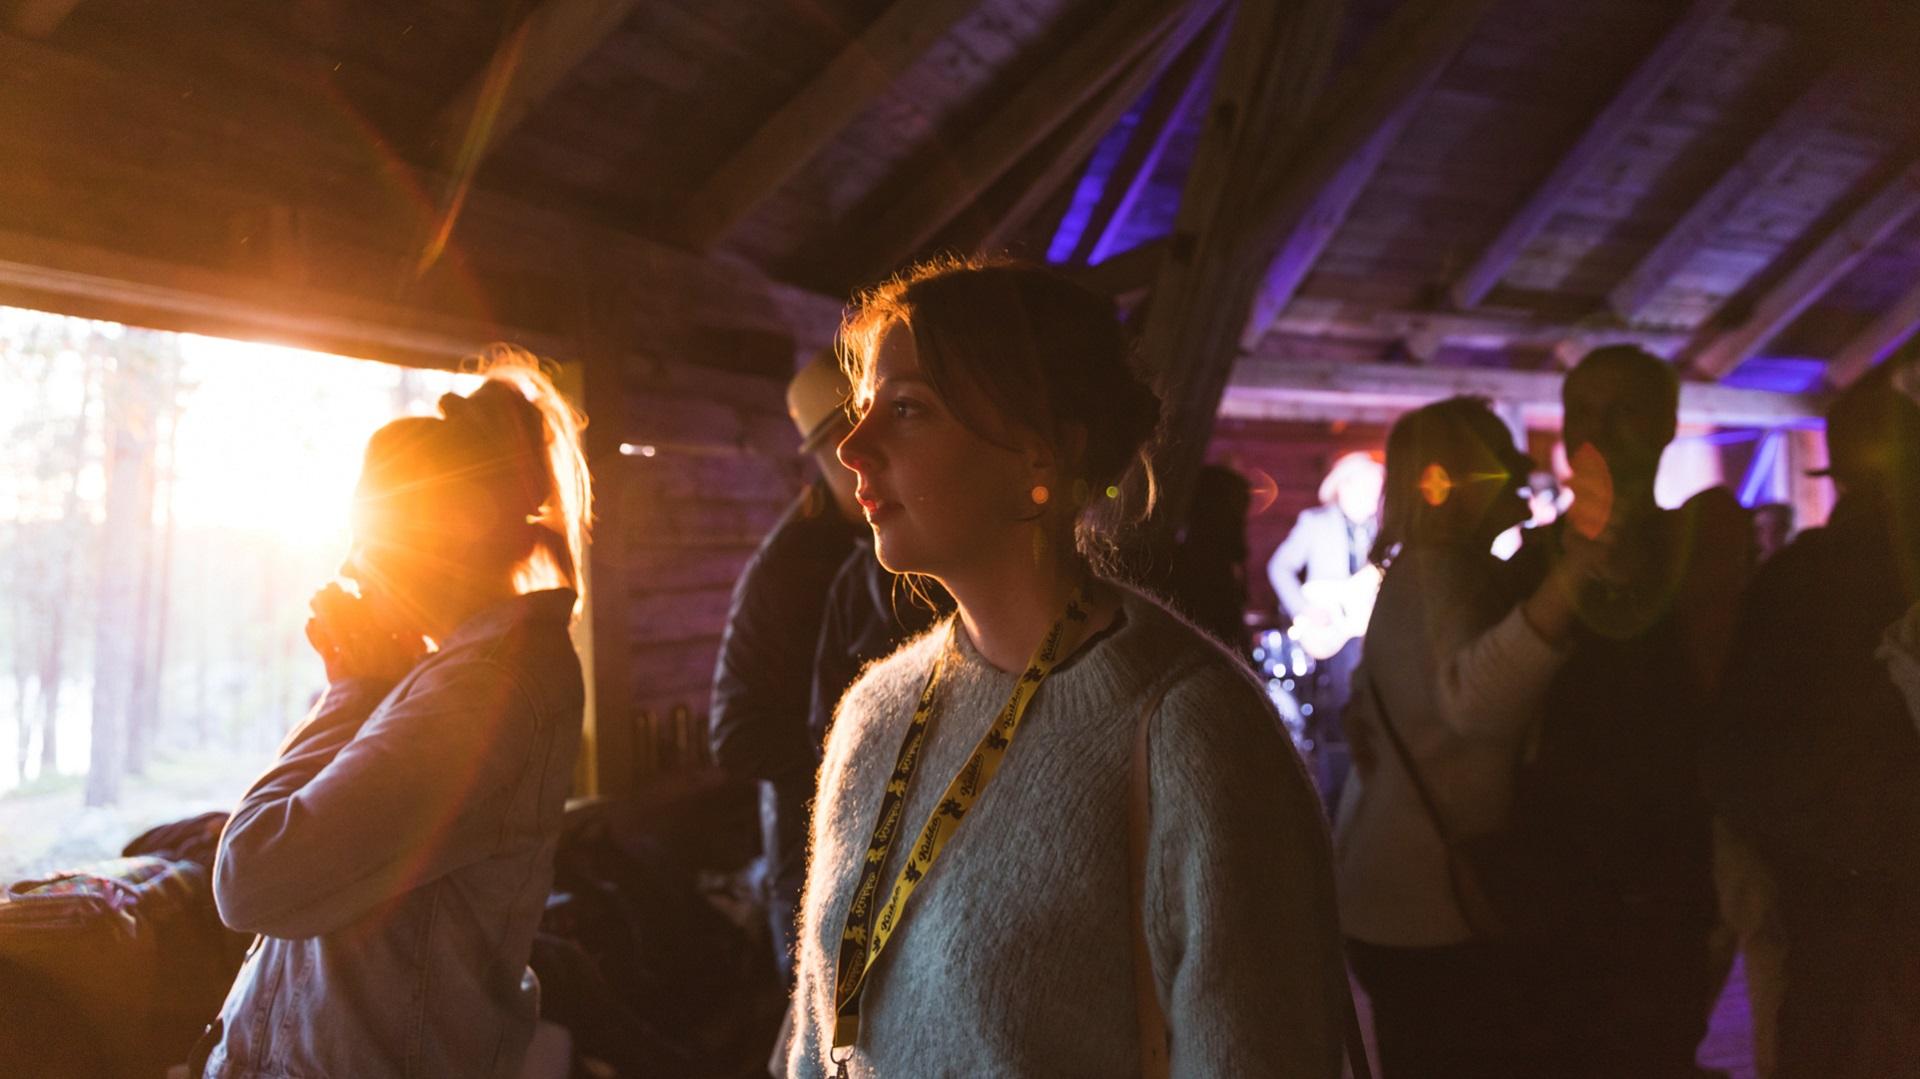 Nainen nauttii Sodankylän elokuvafestivaaleista ihmisten ympäröimänä ja tunnelmallinen valo paistaa rakennukseen sisälle.